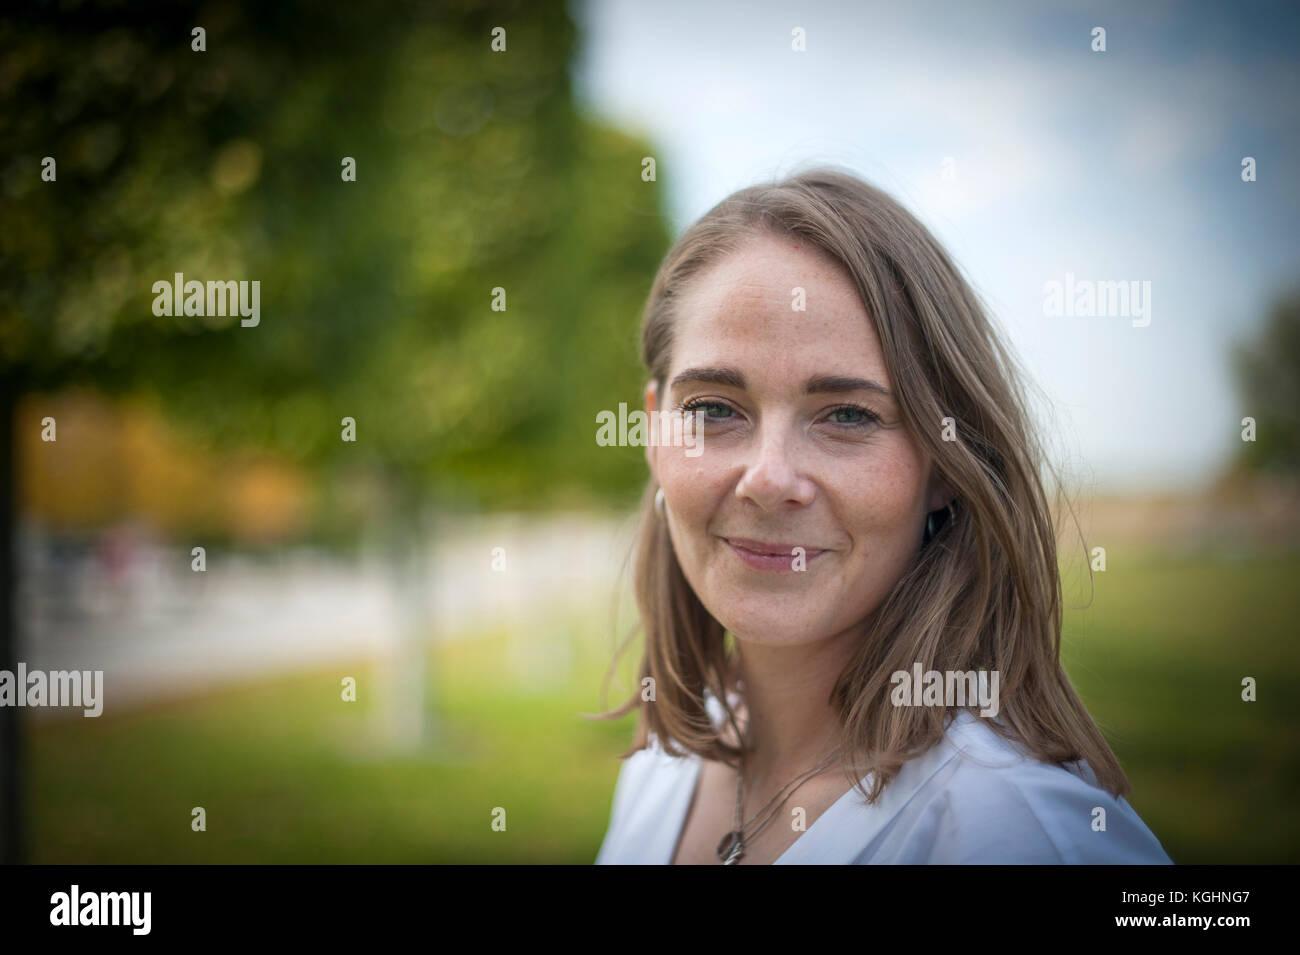 Anne Mette Høyer Chef de relations d'affaires pour SAP. Photographié à leurs bureaux à Walldorf, Bade-Wurtemberg, Allemagne. Banque D'Images